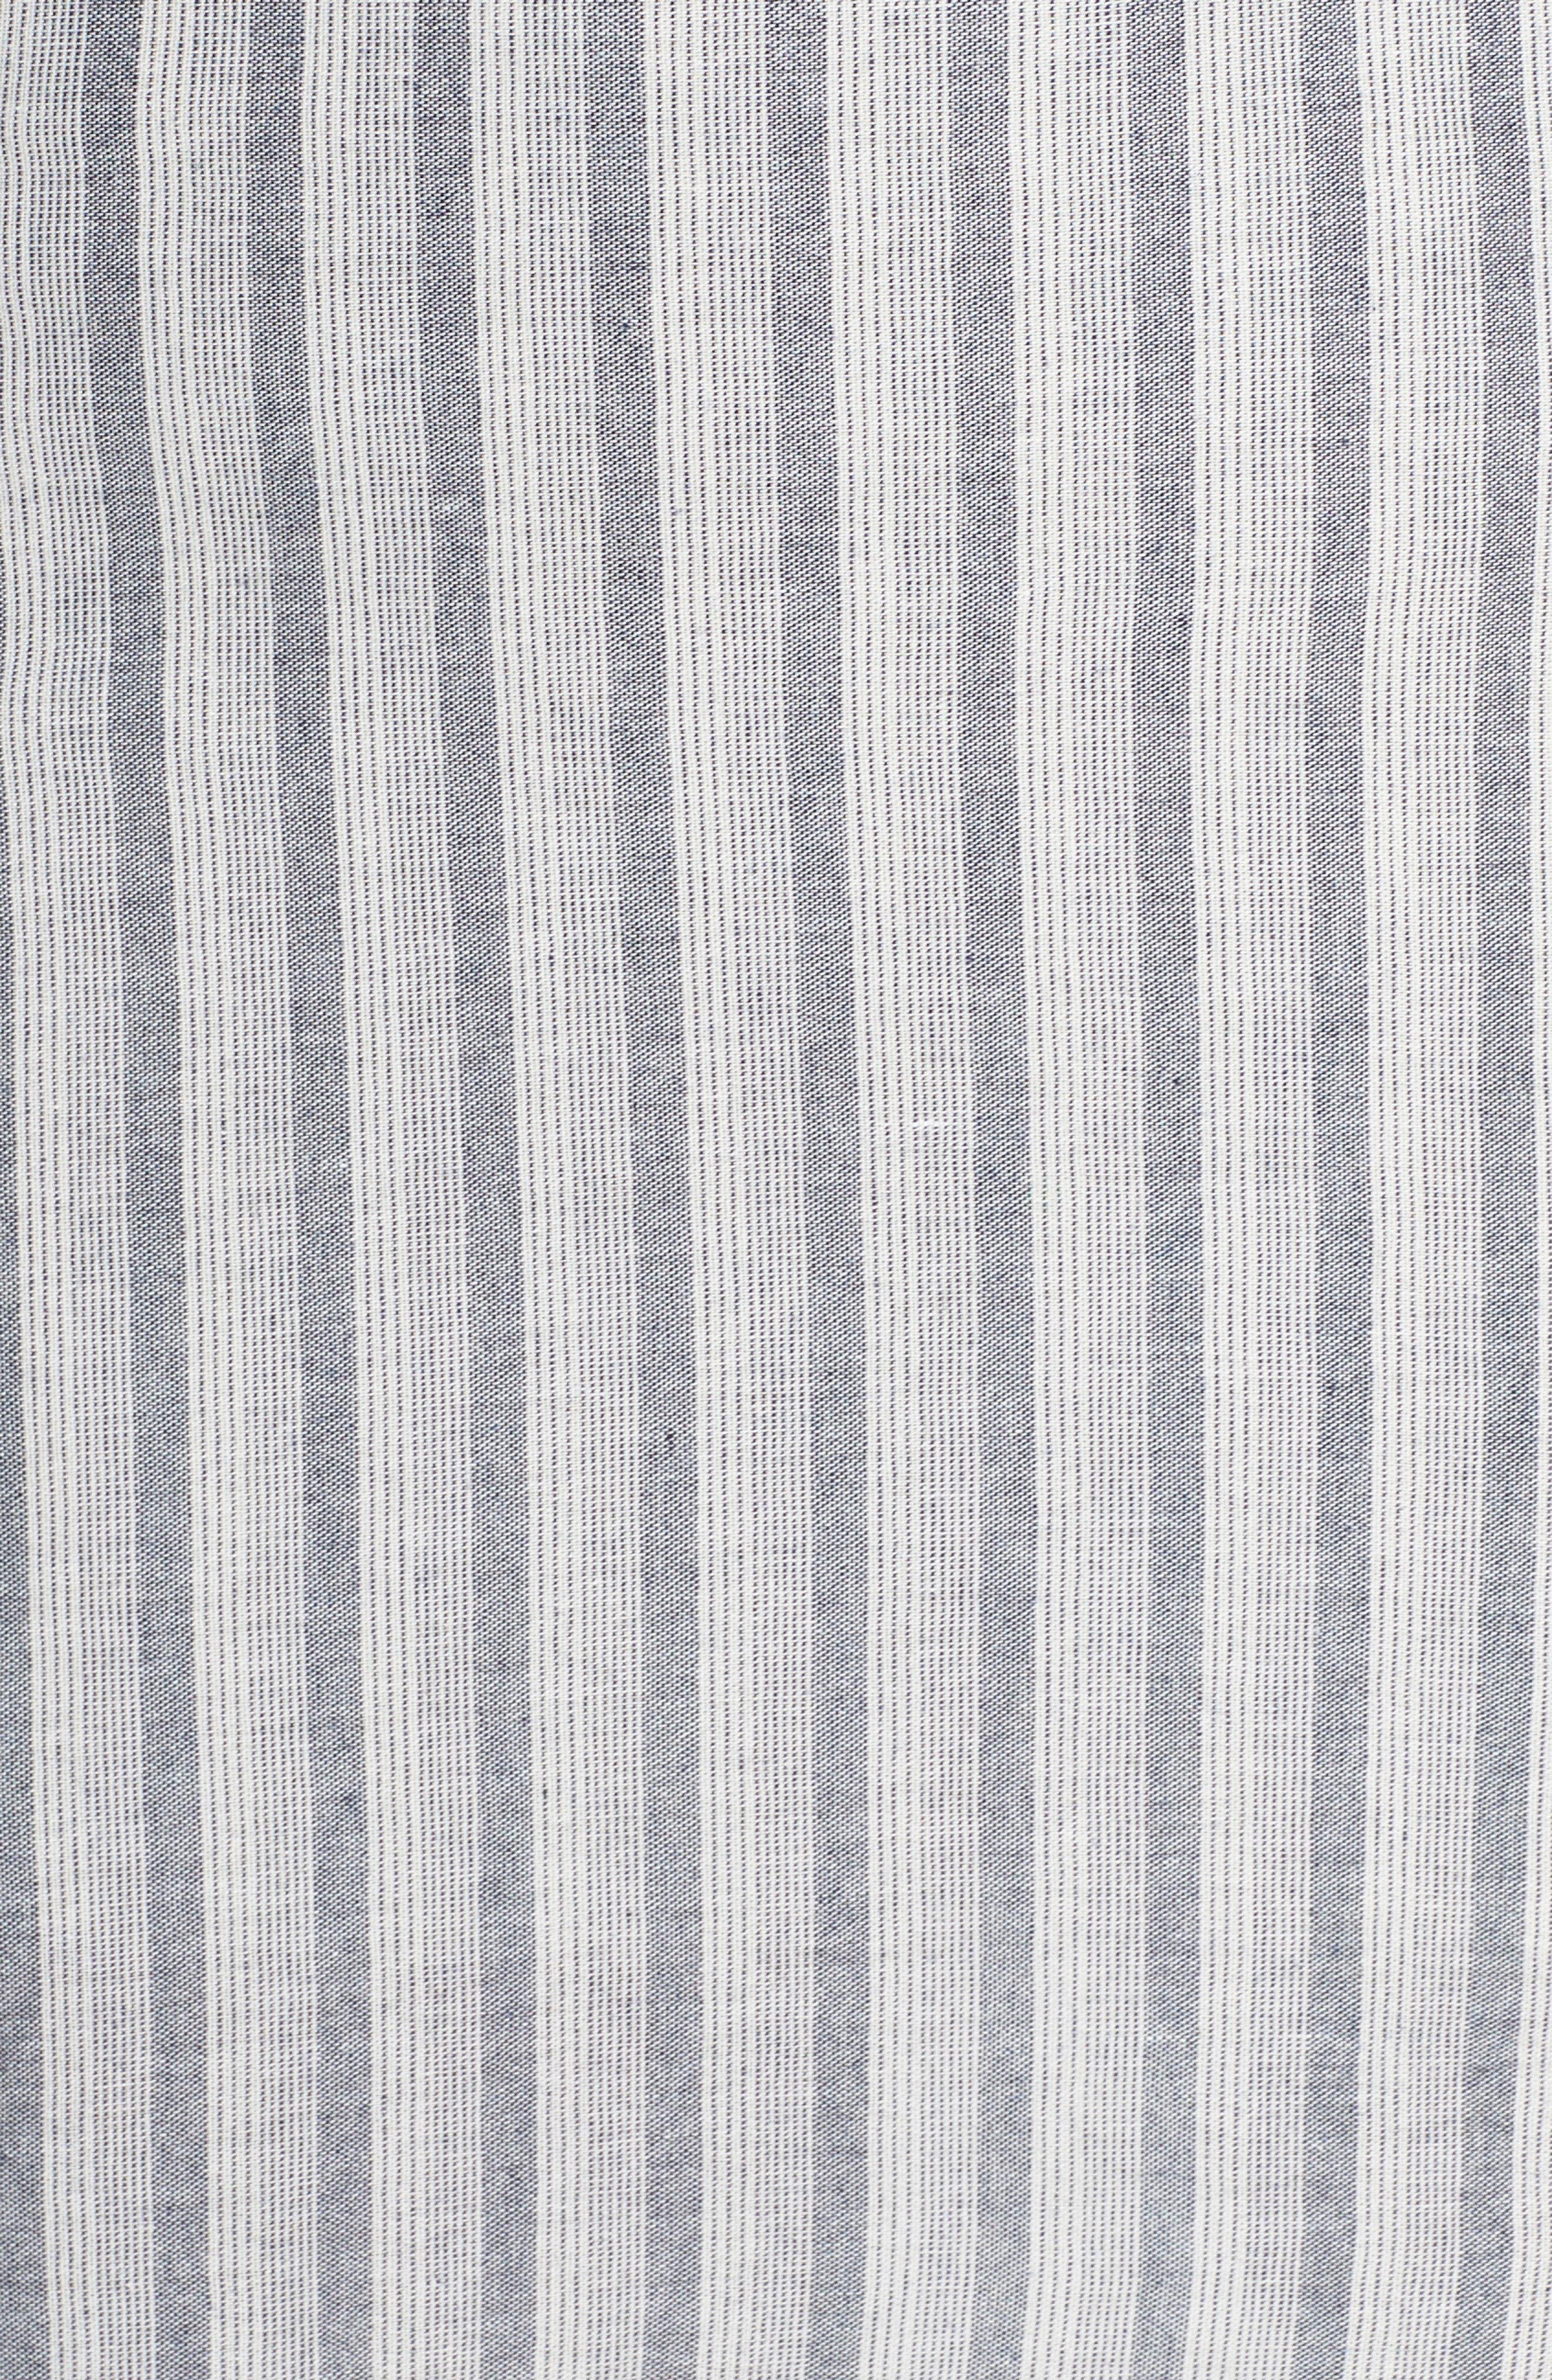 Krisa Stripe Maxi Dress,                             Alternate thumbnail 6, color,                             Multi